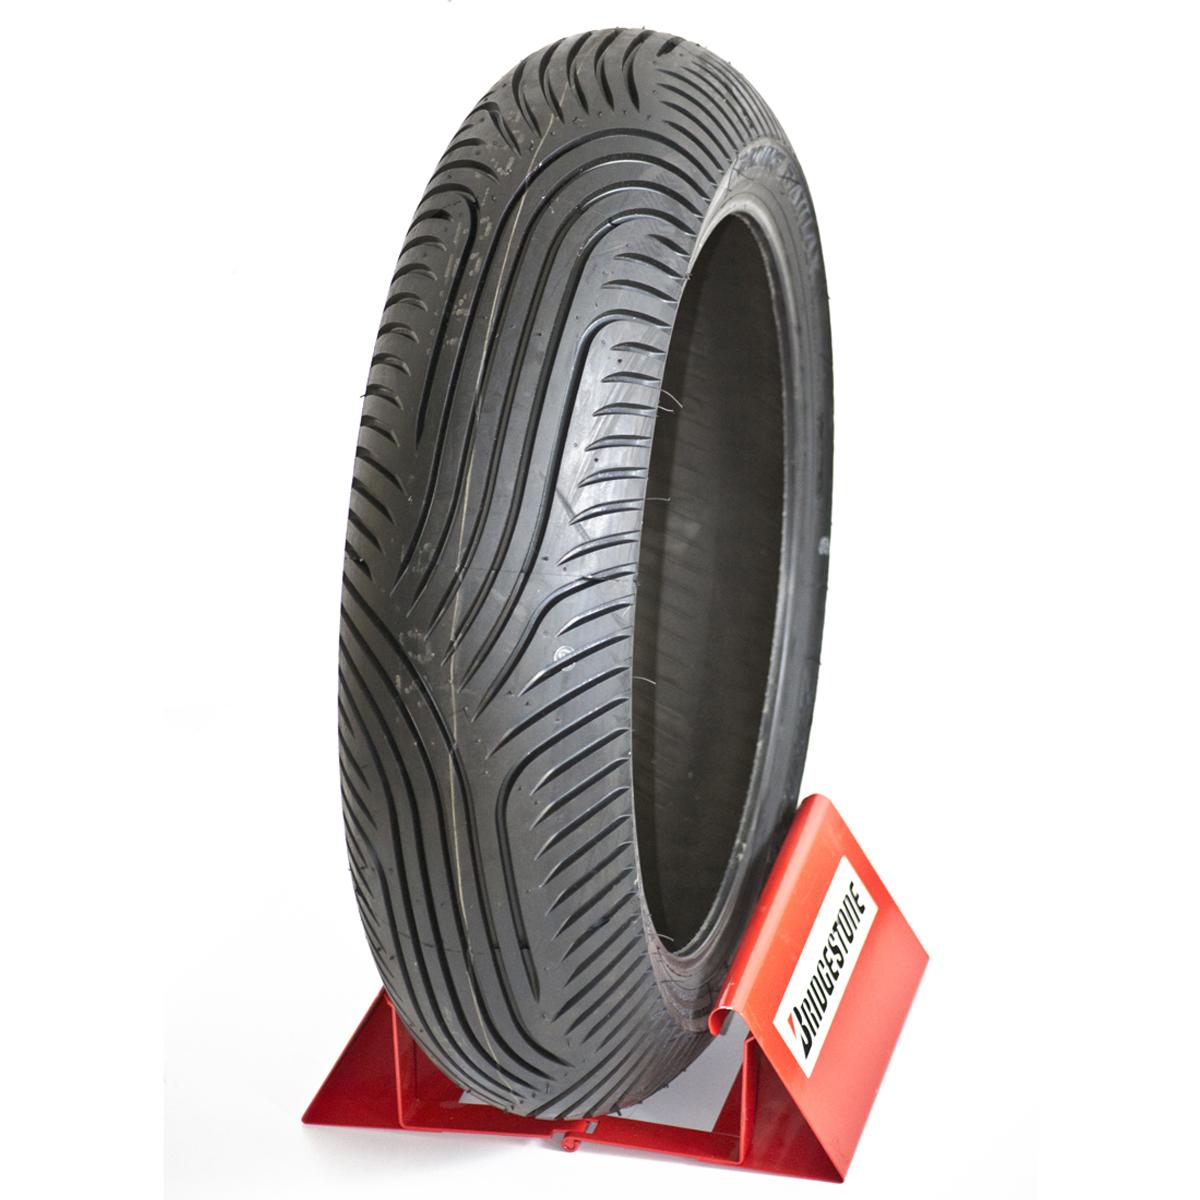 Bridgestone Battlax Racing W01 Rear